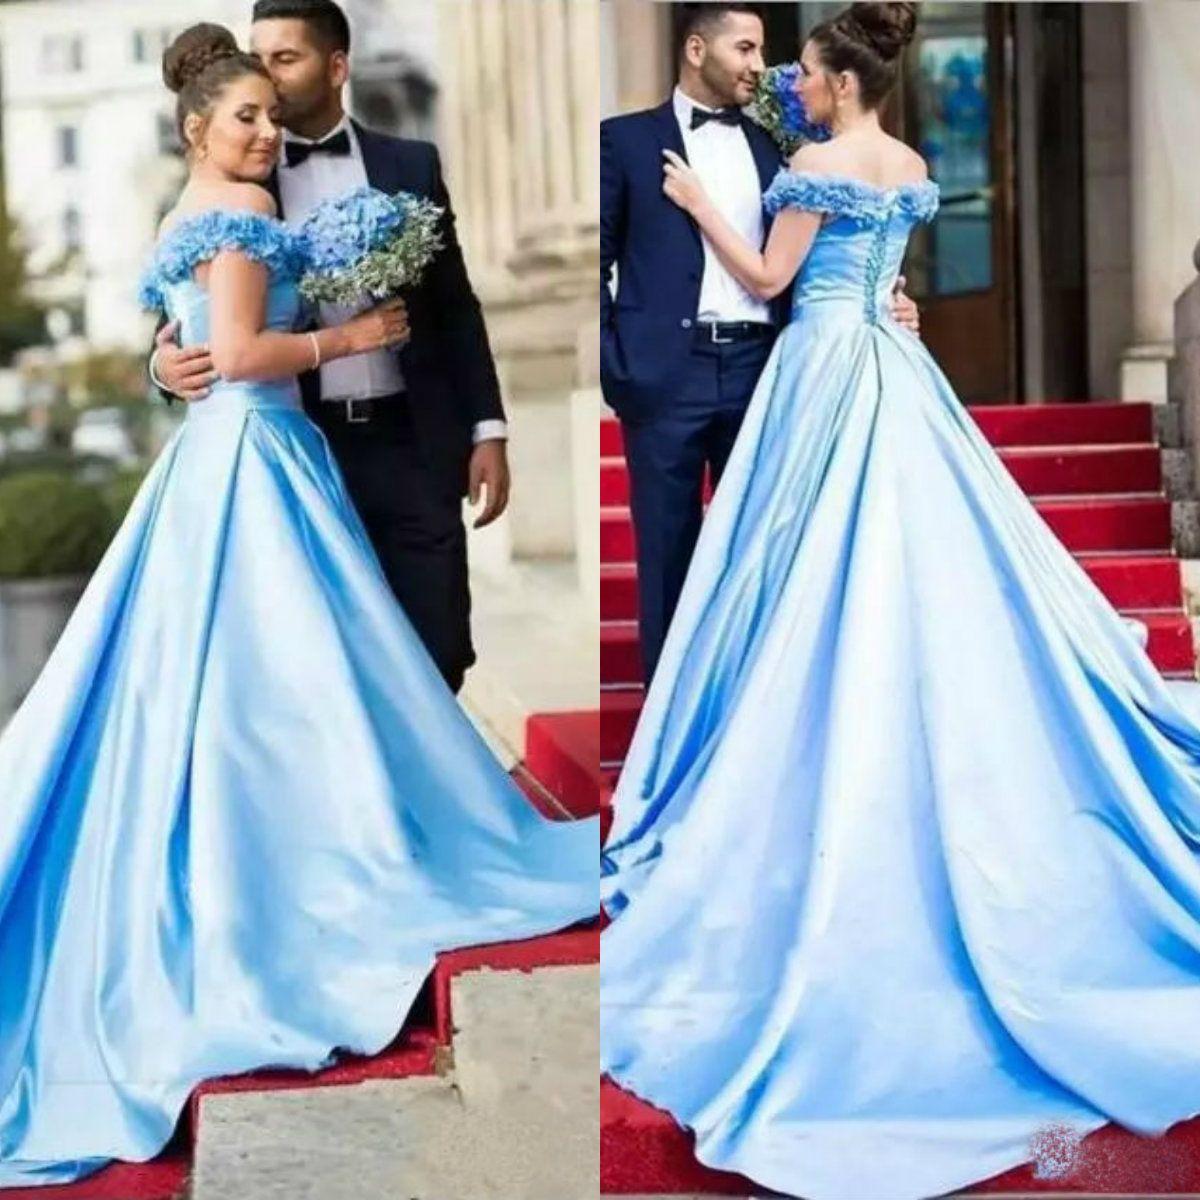 라이트 스카이 블루 댄스 파티 드레스 맞춤 의류 오프 숄더 복장 야회복 훈련 용 레이스 업 백리스 롱 파티 드레스